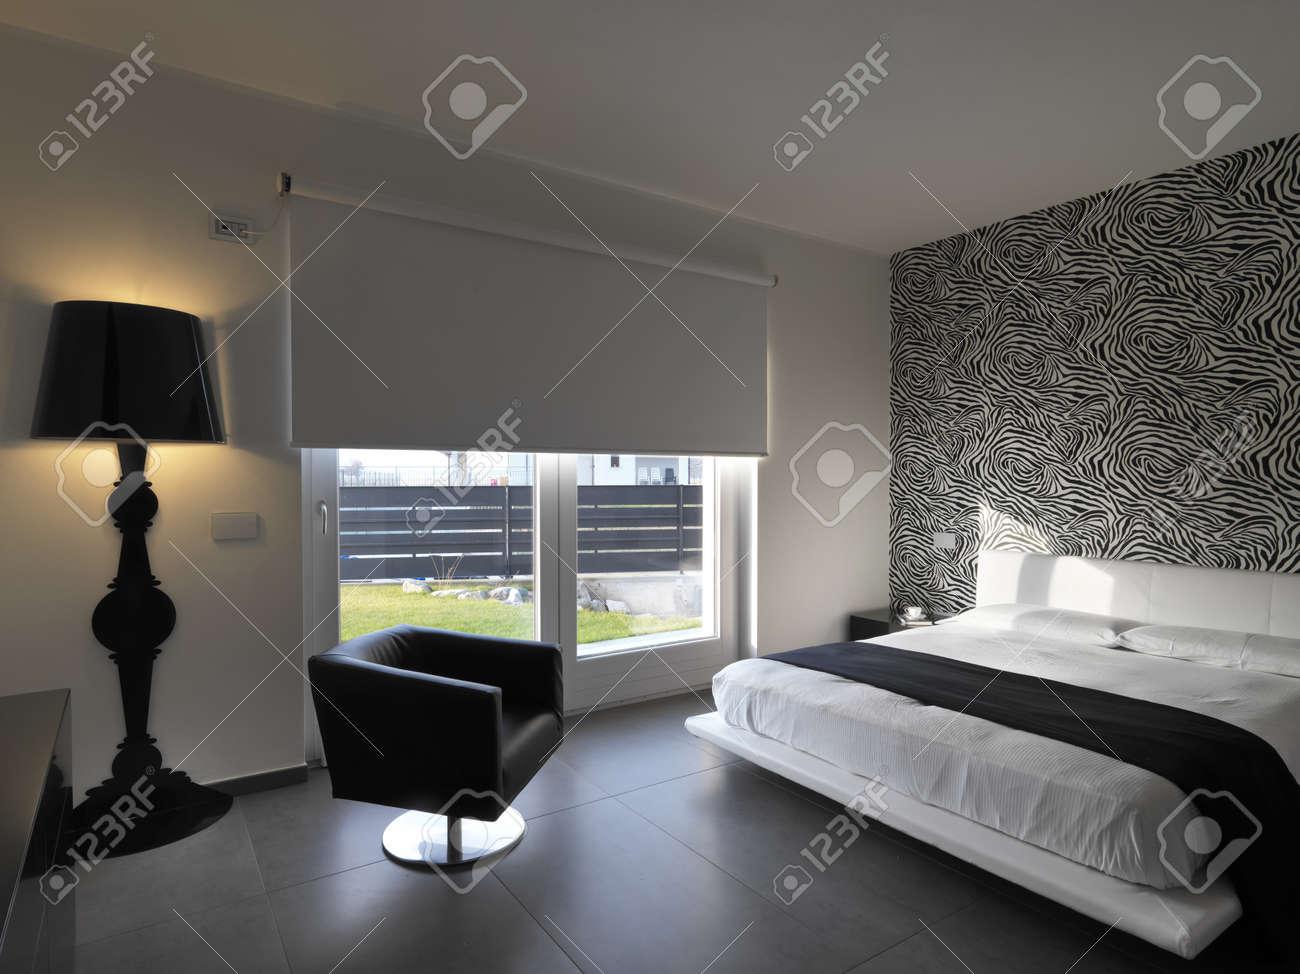 Banque Du0027images   Chambre à Coucher Moderne En Cuir Fauteuil Lampe Murale  Et Noir